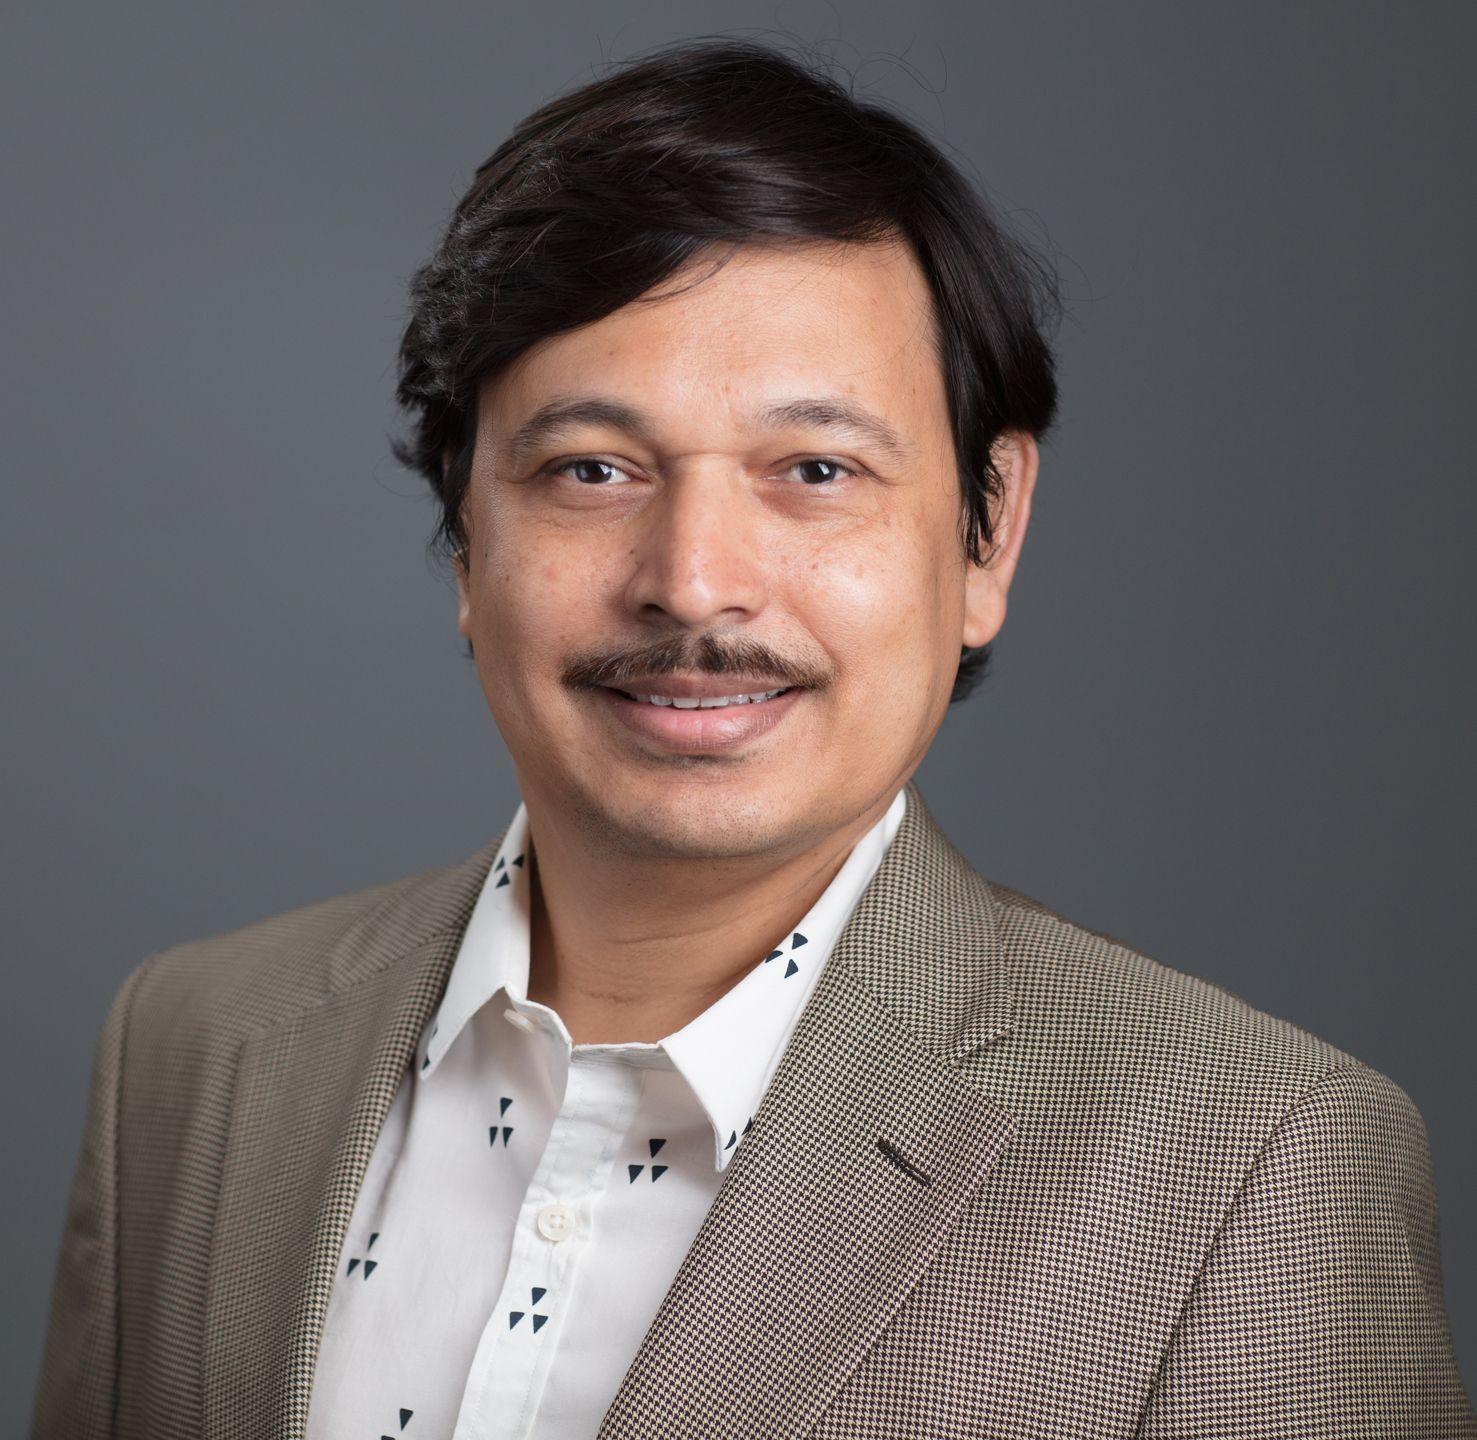 Portrait of Nupam Mahajan